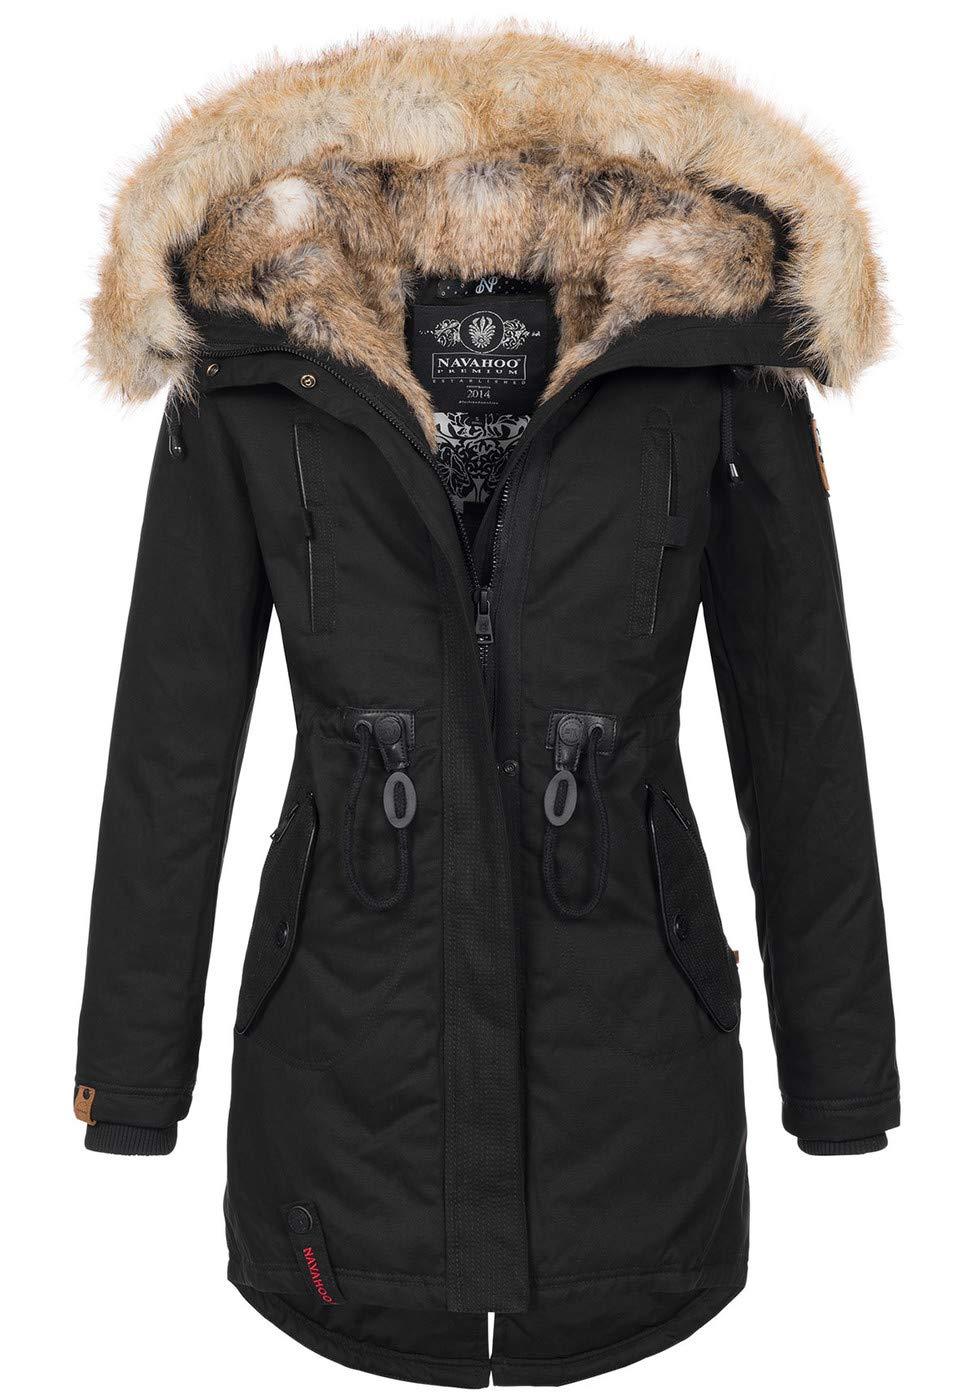 Navahoo warme Damen Winter Jacke lang Kunstfell Winterjacke Parka Mantel B660